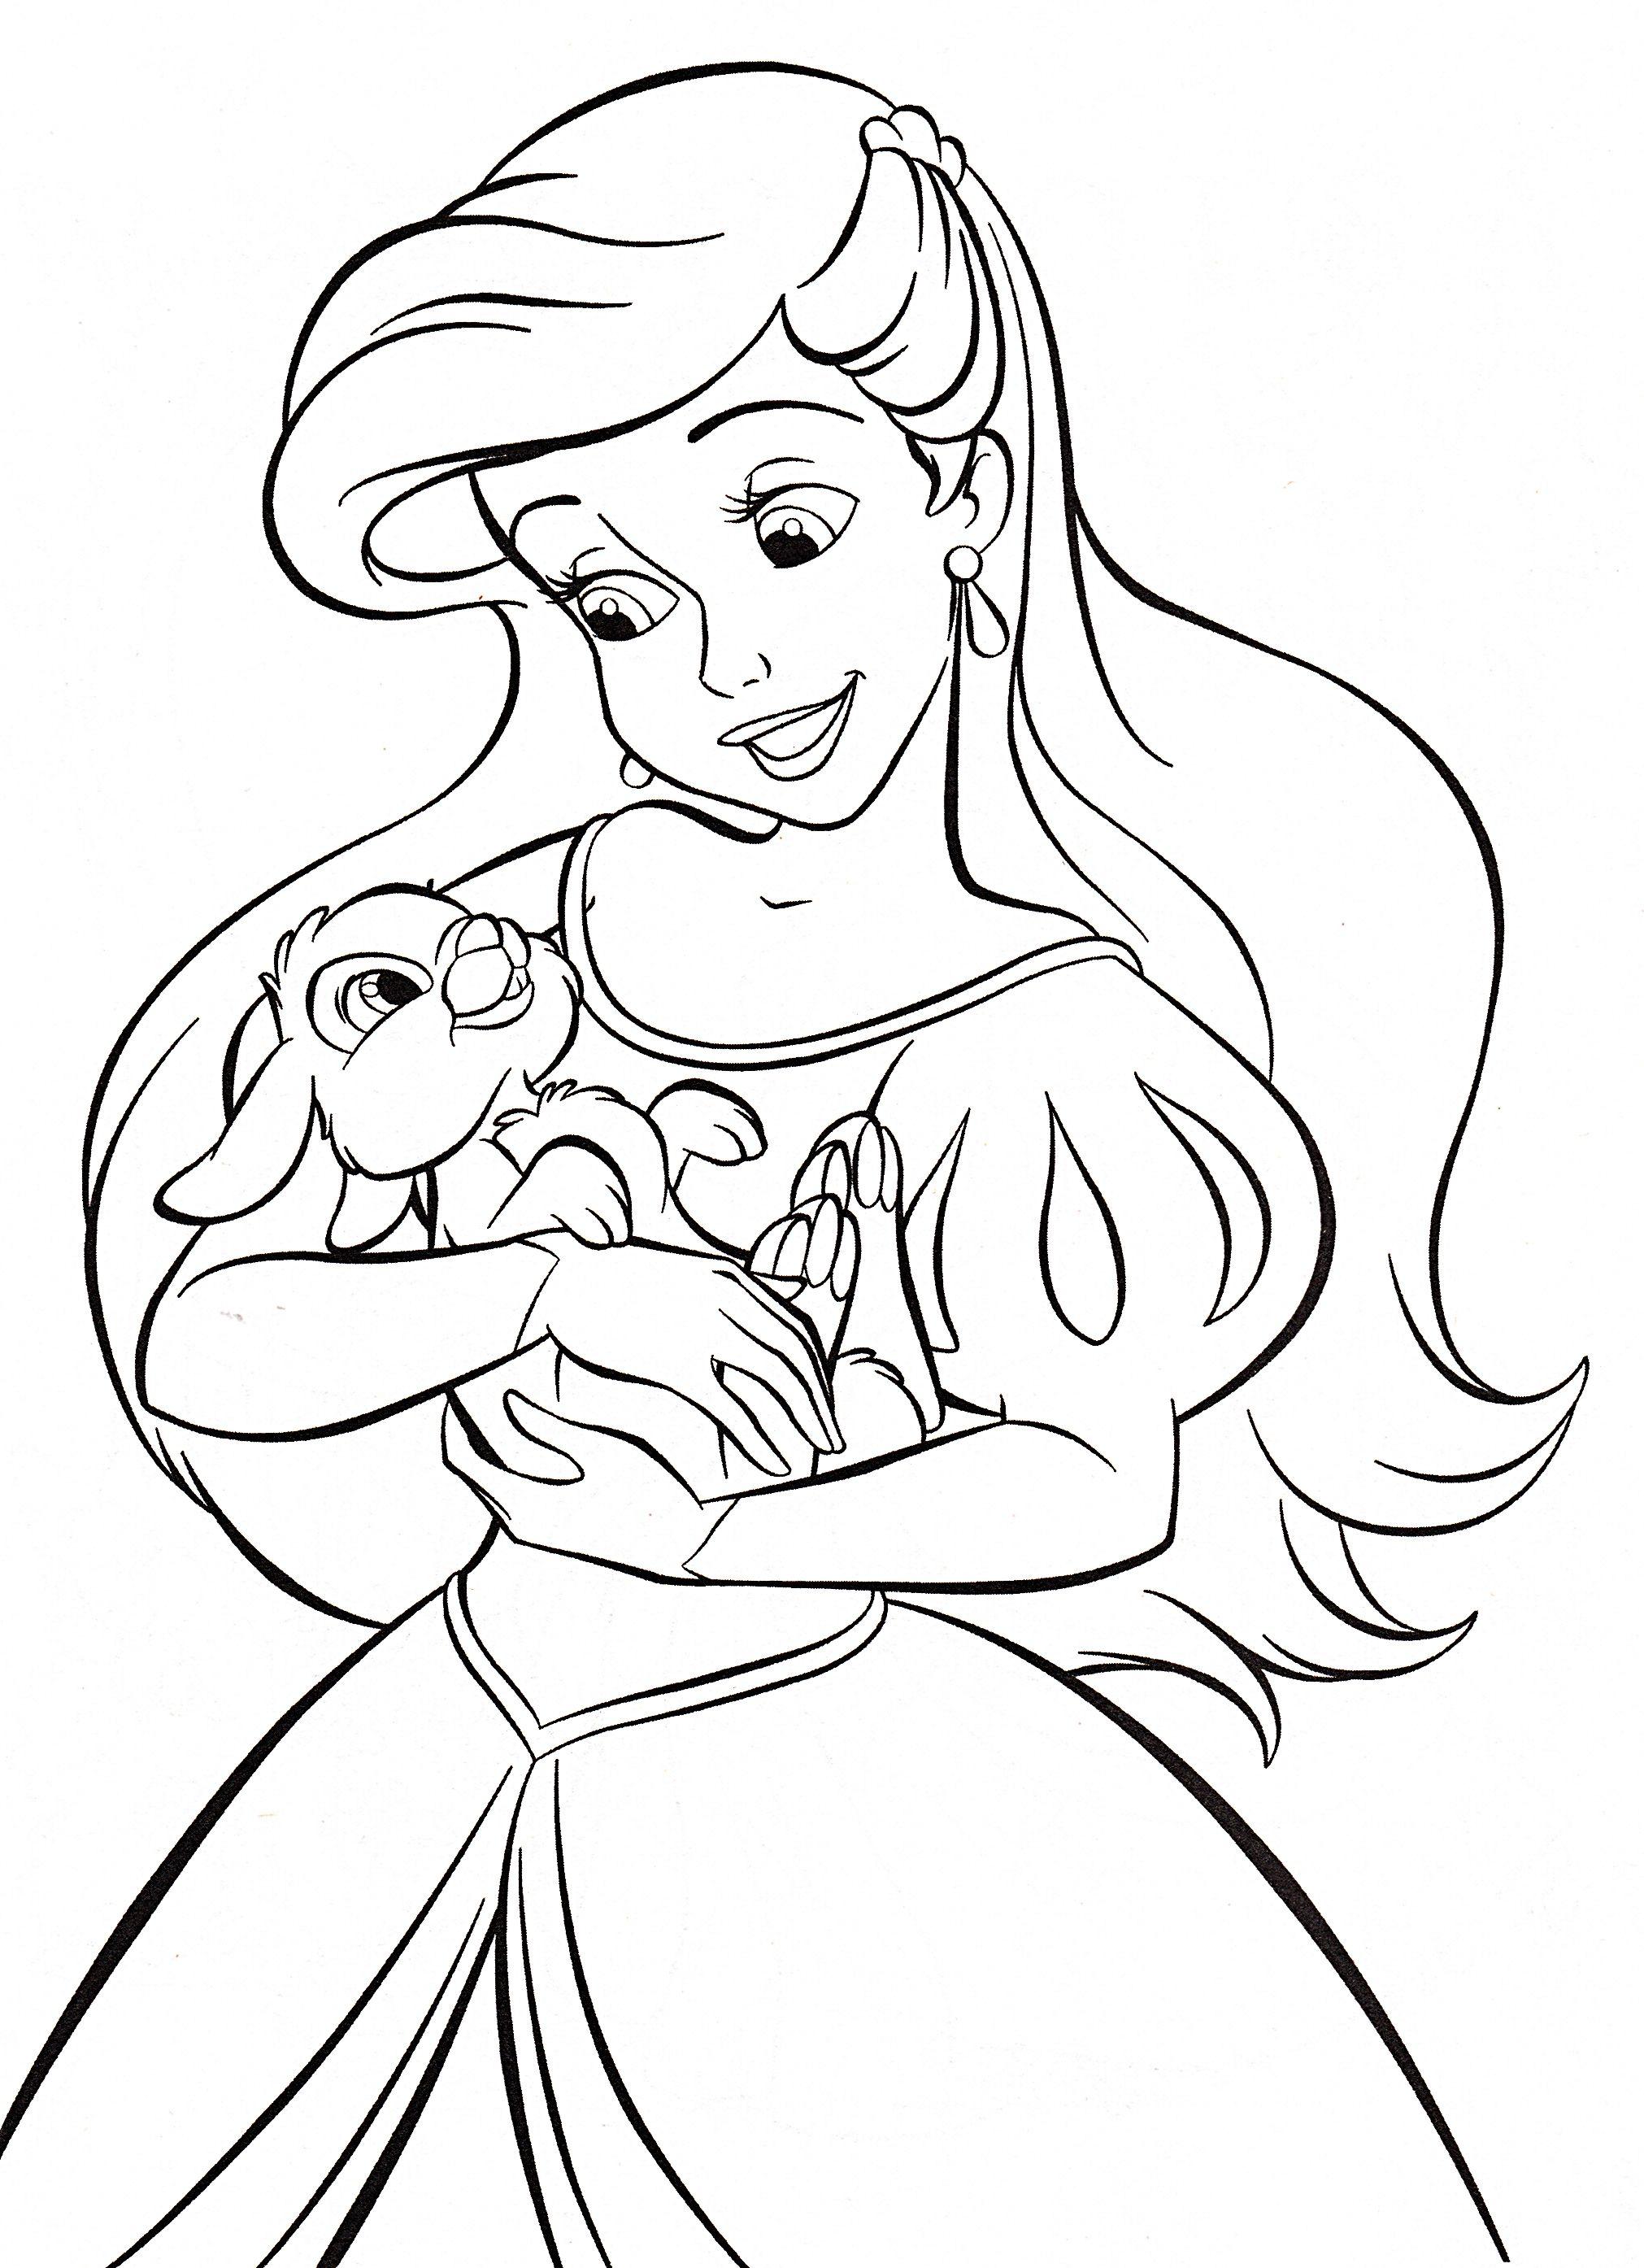 Walt Disney Coloring Pages - Princess Ariel   ���